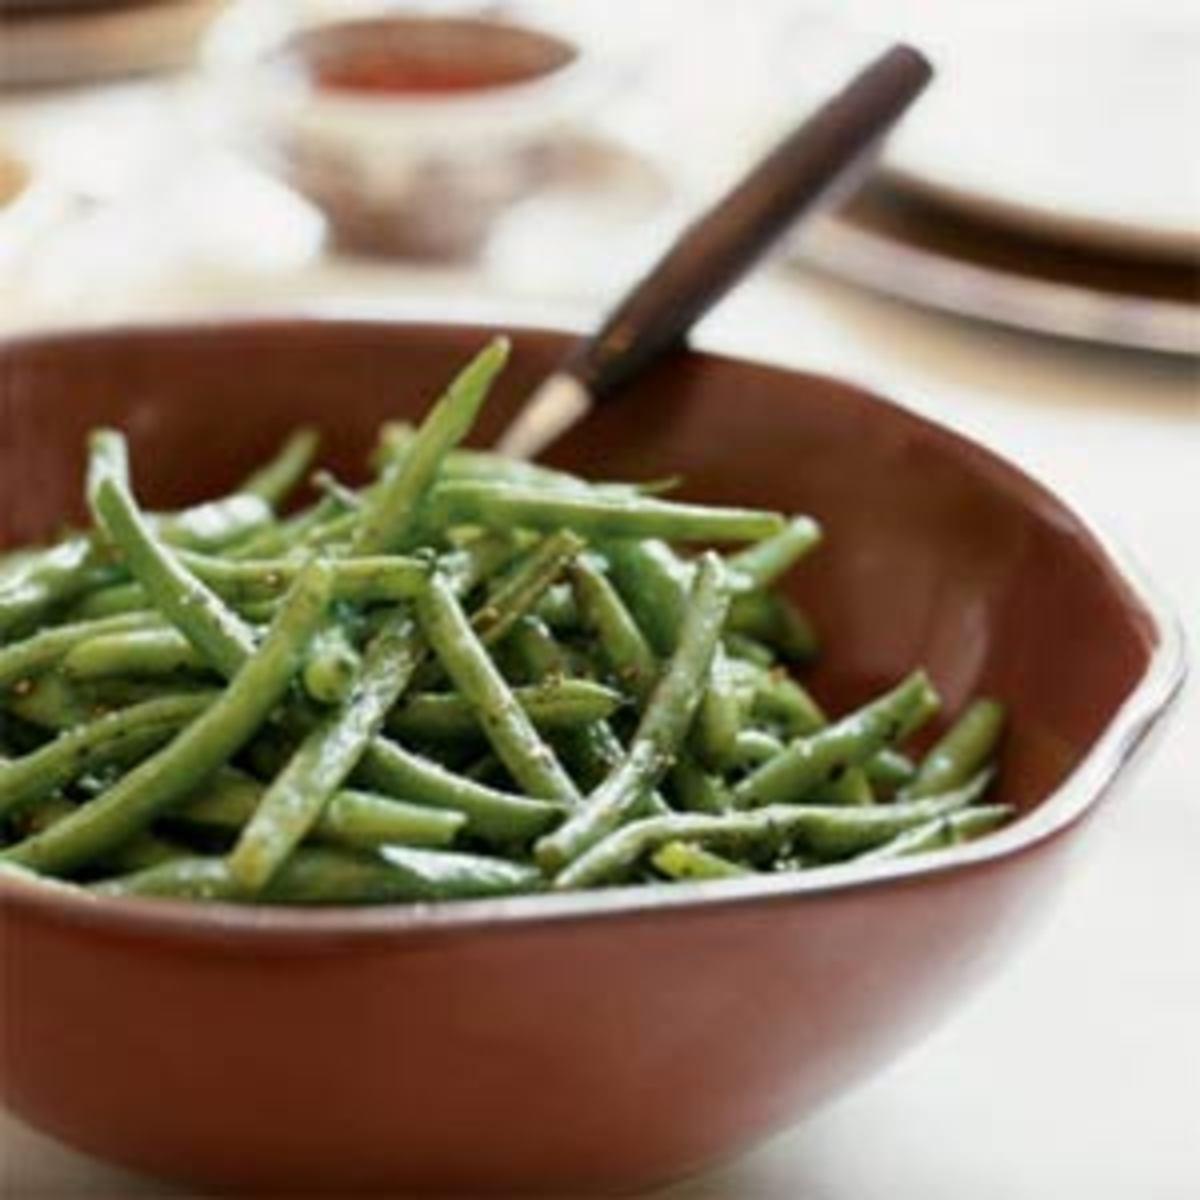 green-beans-ck-1120274-l